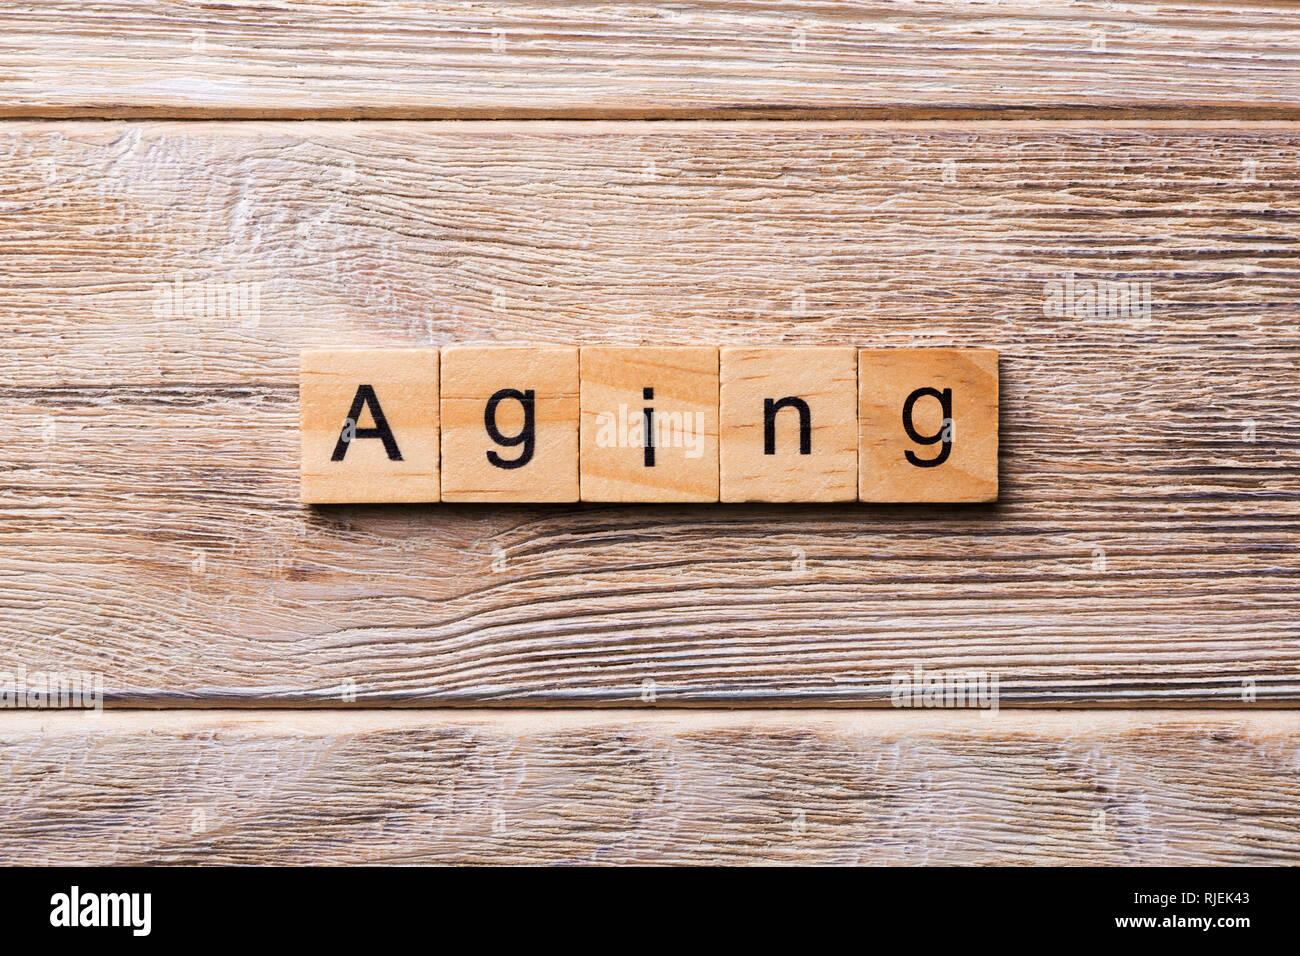 Vieillissement mot écrit sur une cale en bois. Texte sur le vieillissement pour votre table en bois, design concept. Photo Stock